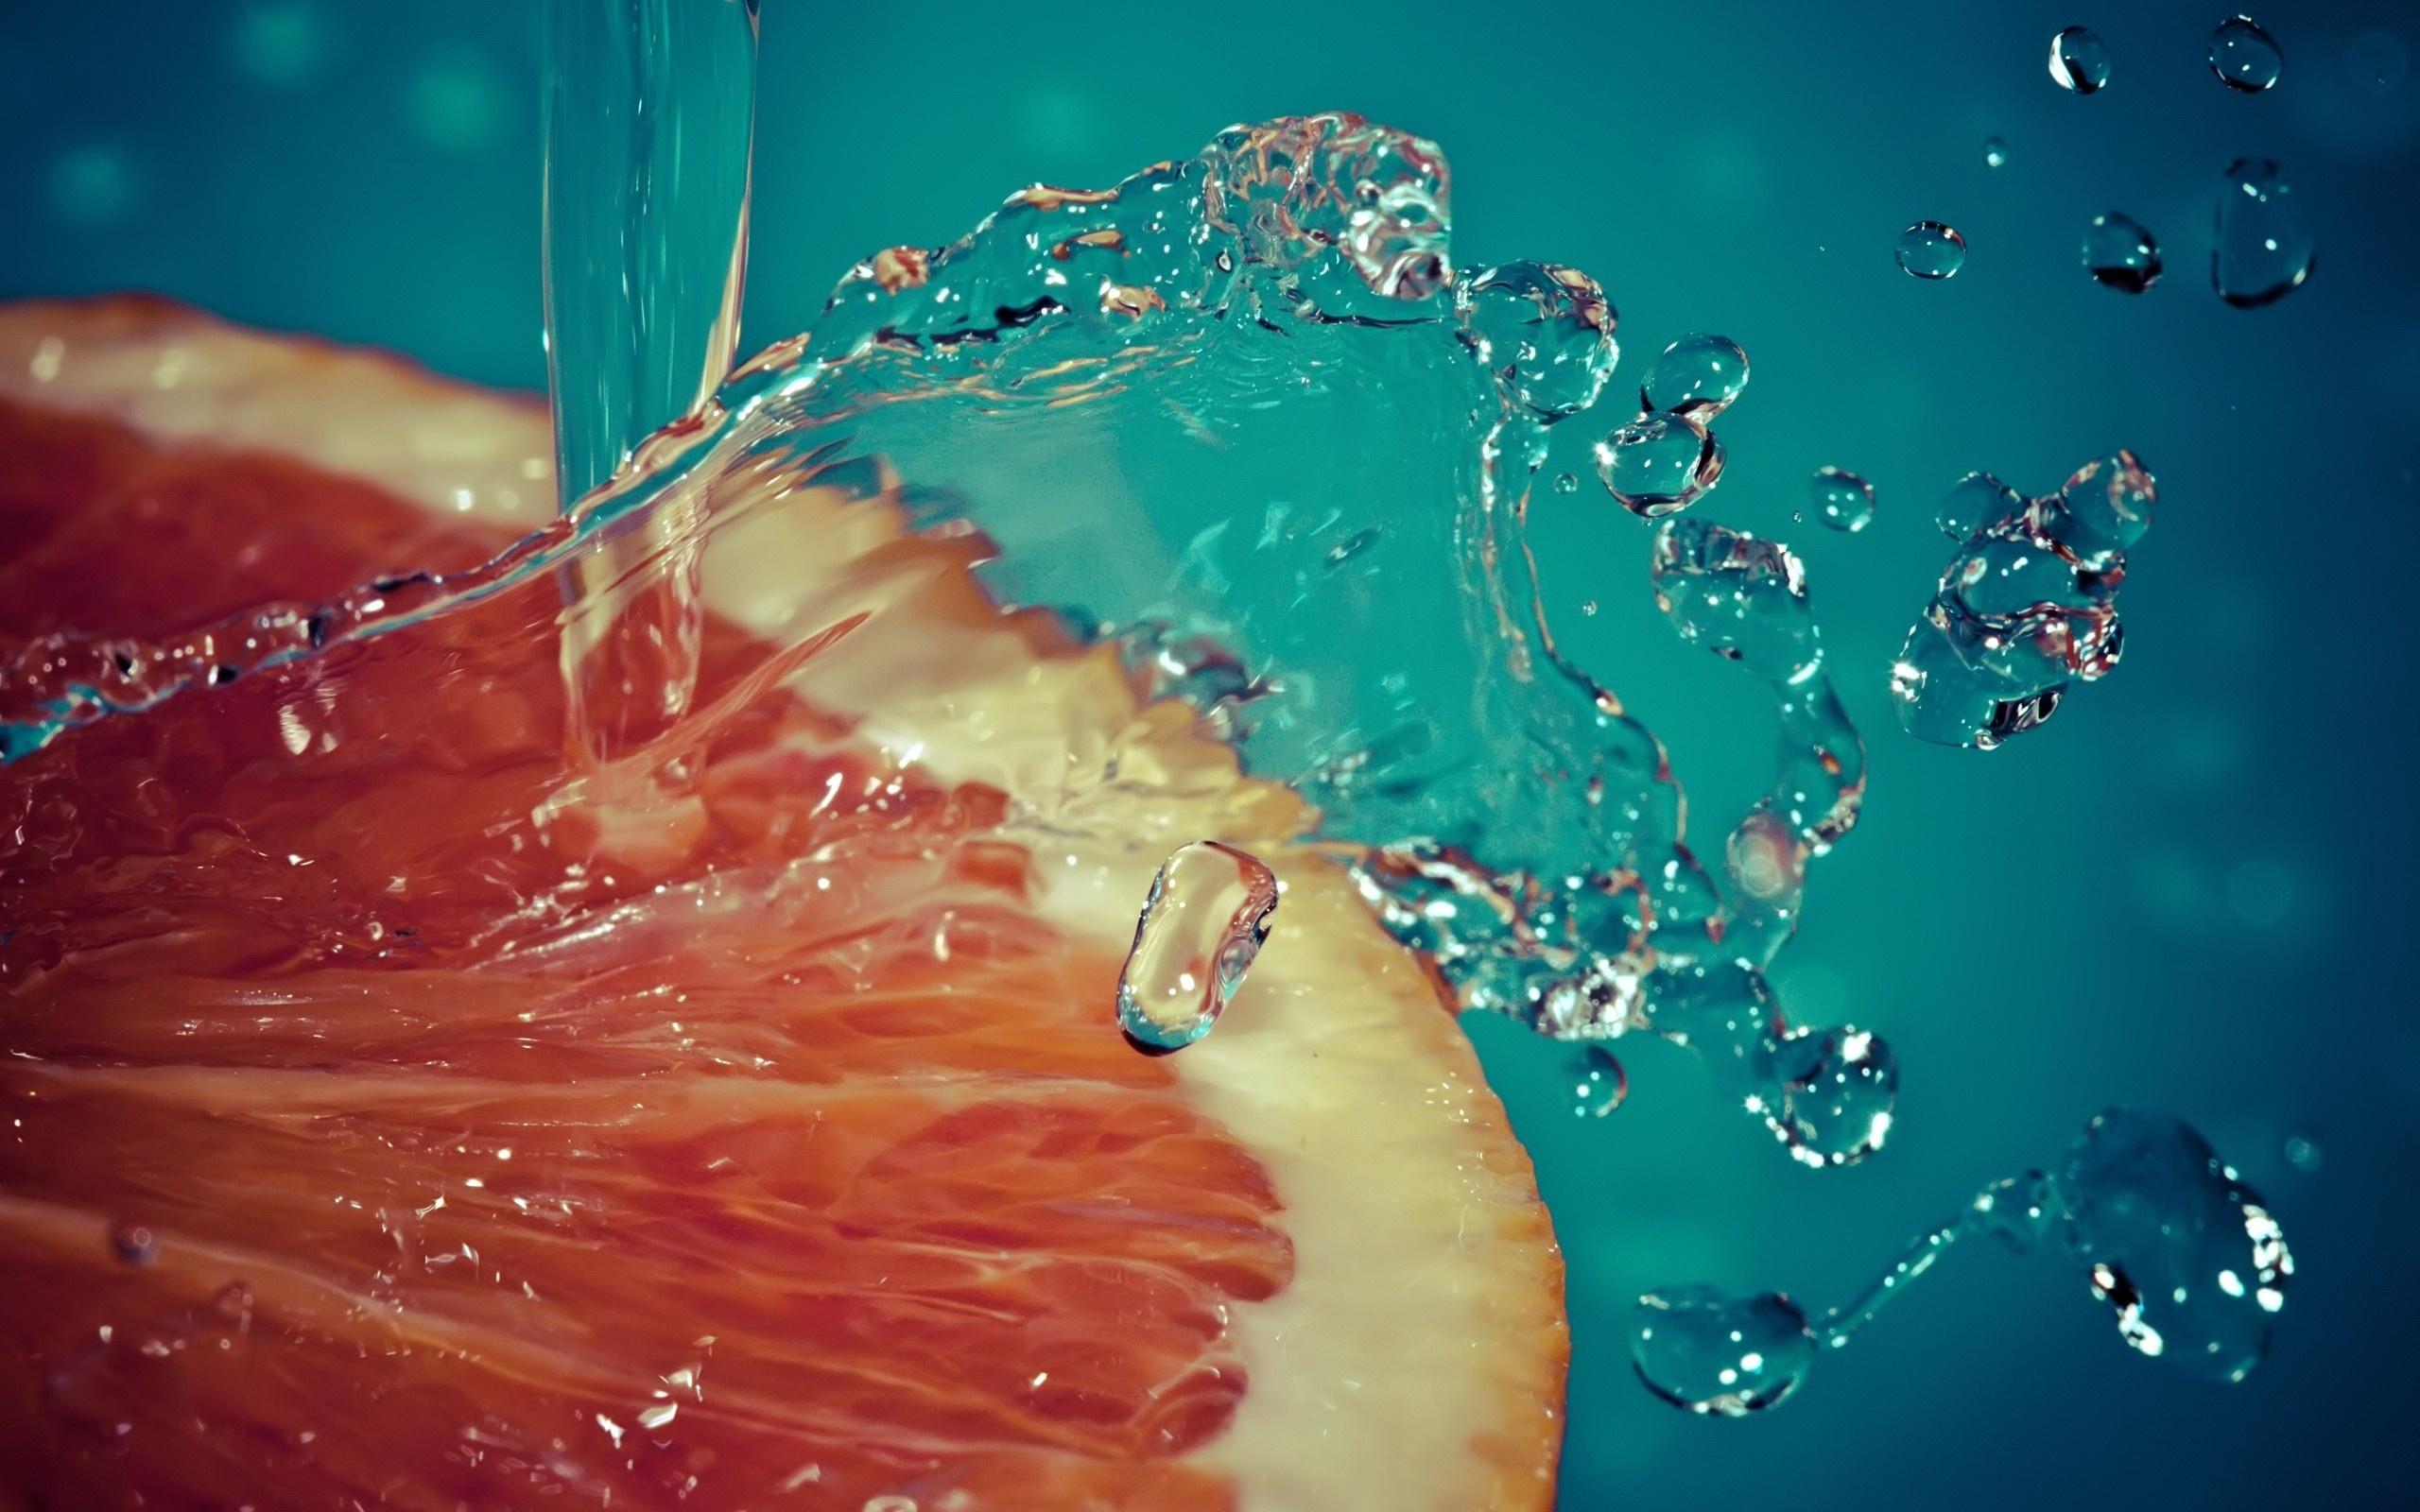 вода всплеск без смс